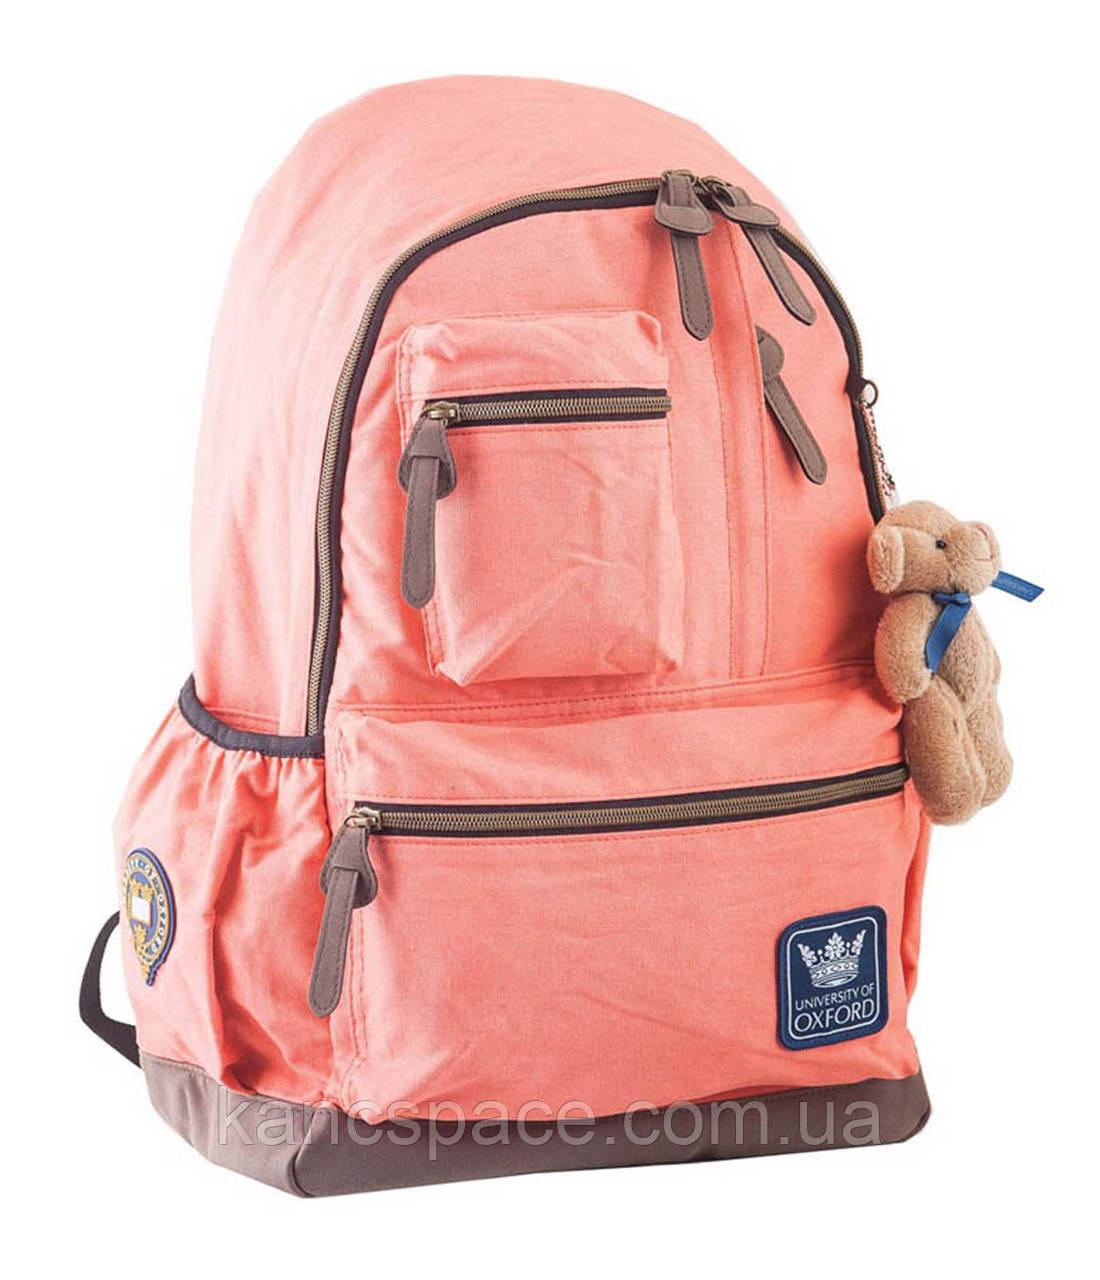 Рюкзак підлітковий OX 236, персиковий, 30*47*16